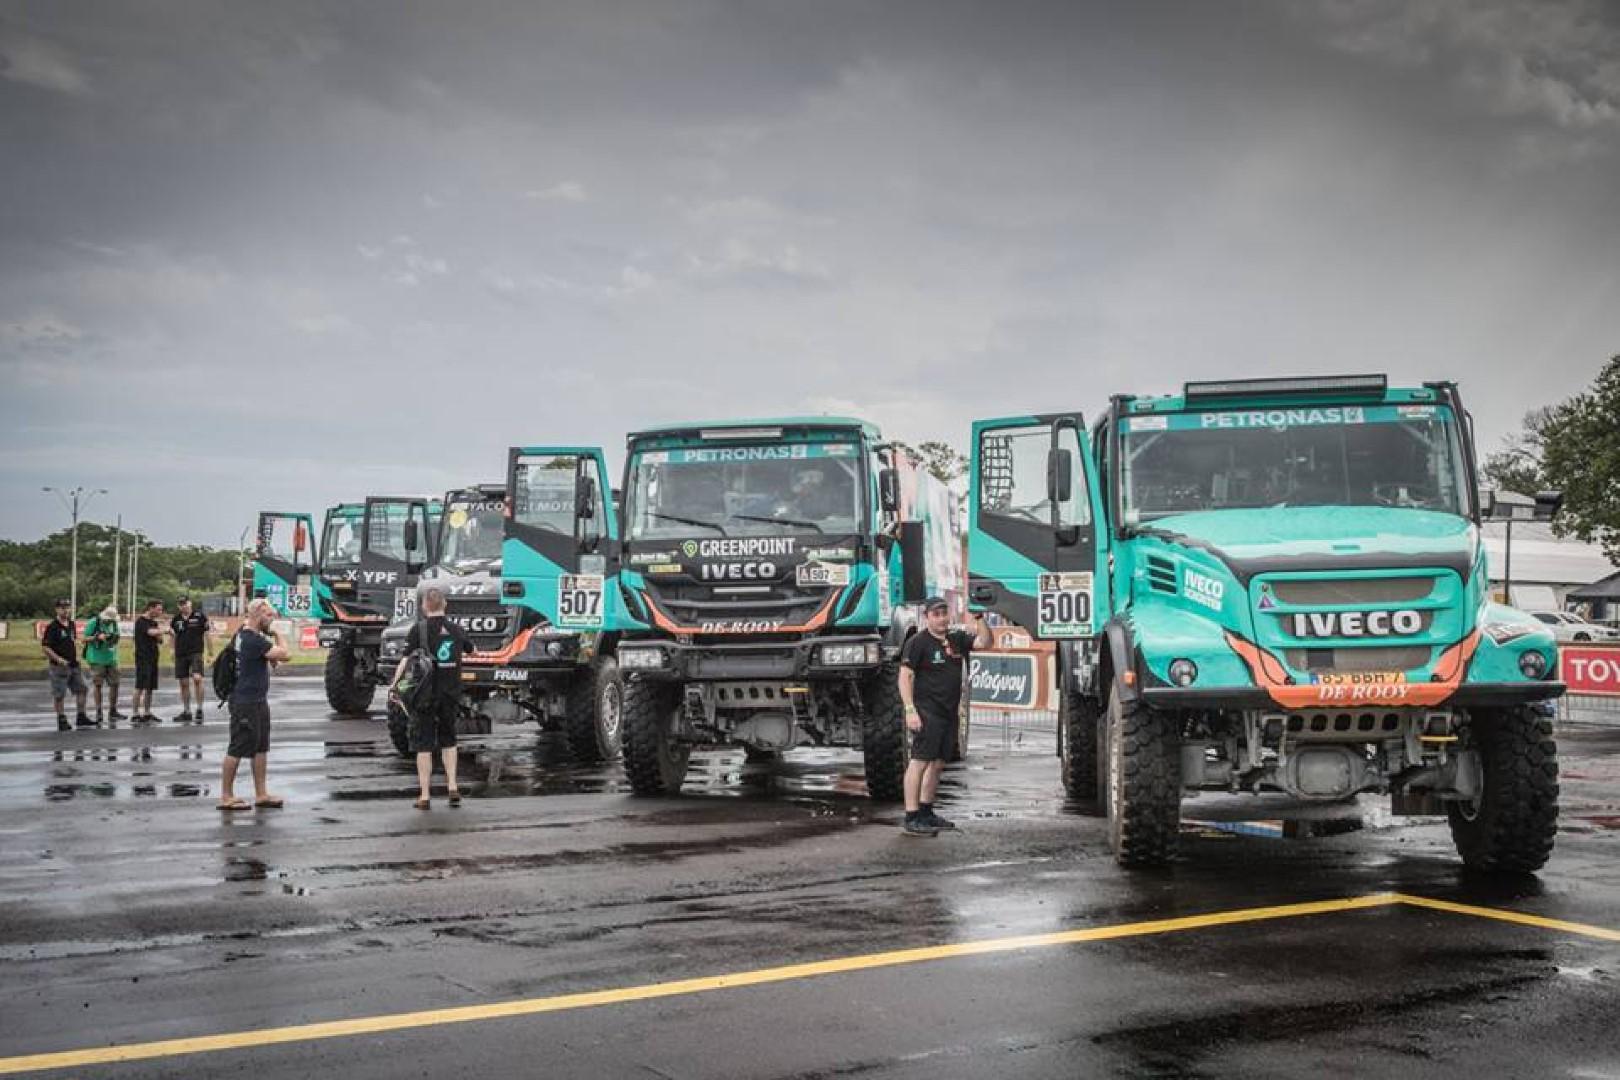 IVECO et le Team PETRONAS De Rooy sont prêts à affronter les rallyes les plus exigeants au monde : le Dakar 2018 et l'Africa Eco Race 2018